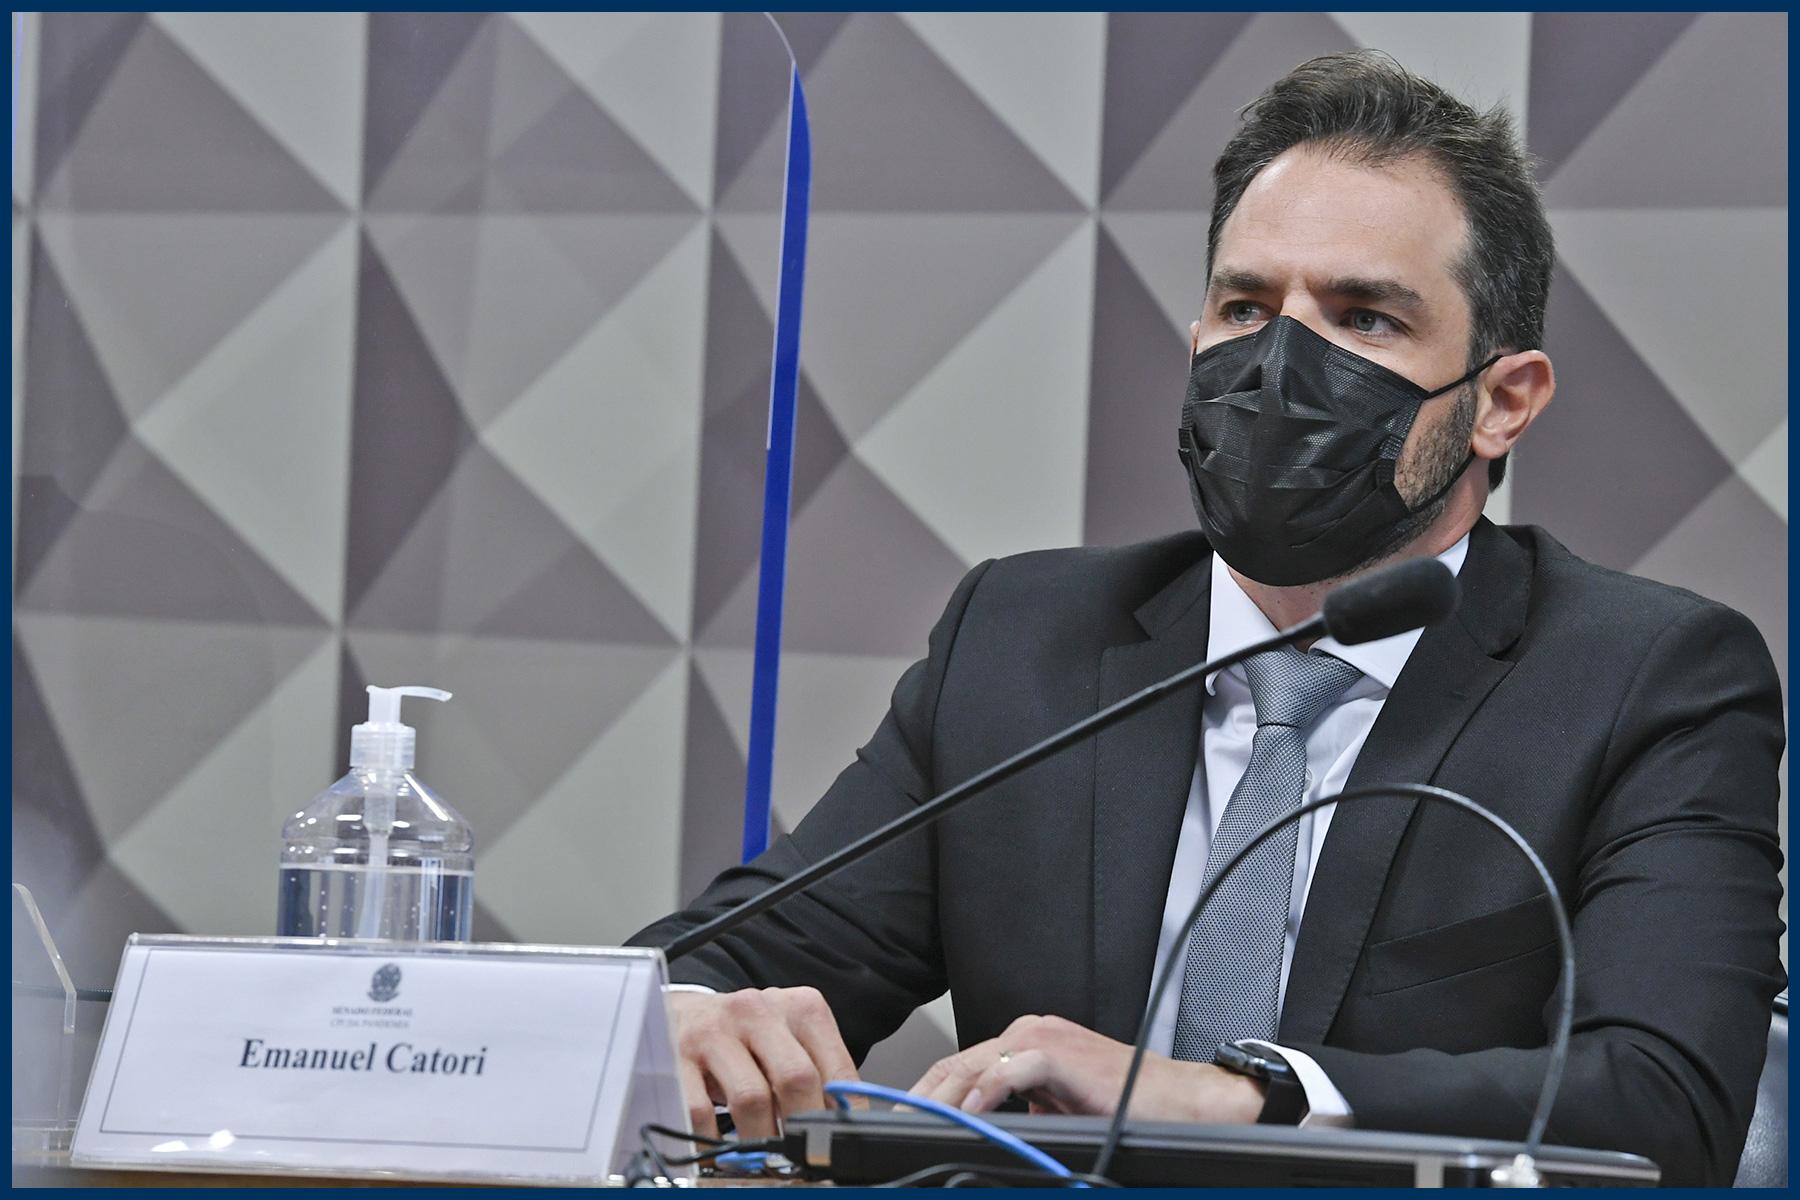 Emanuel Catori